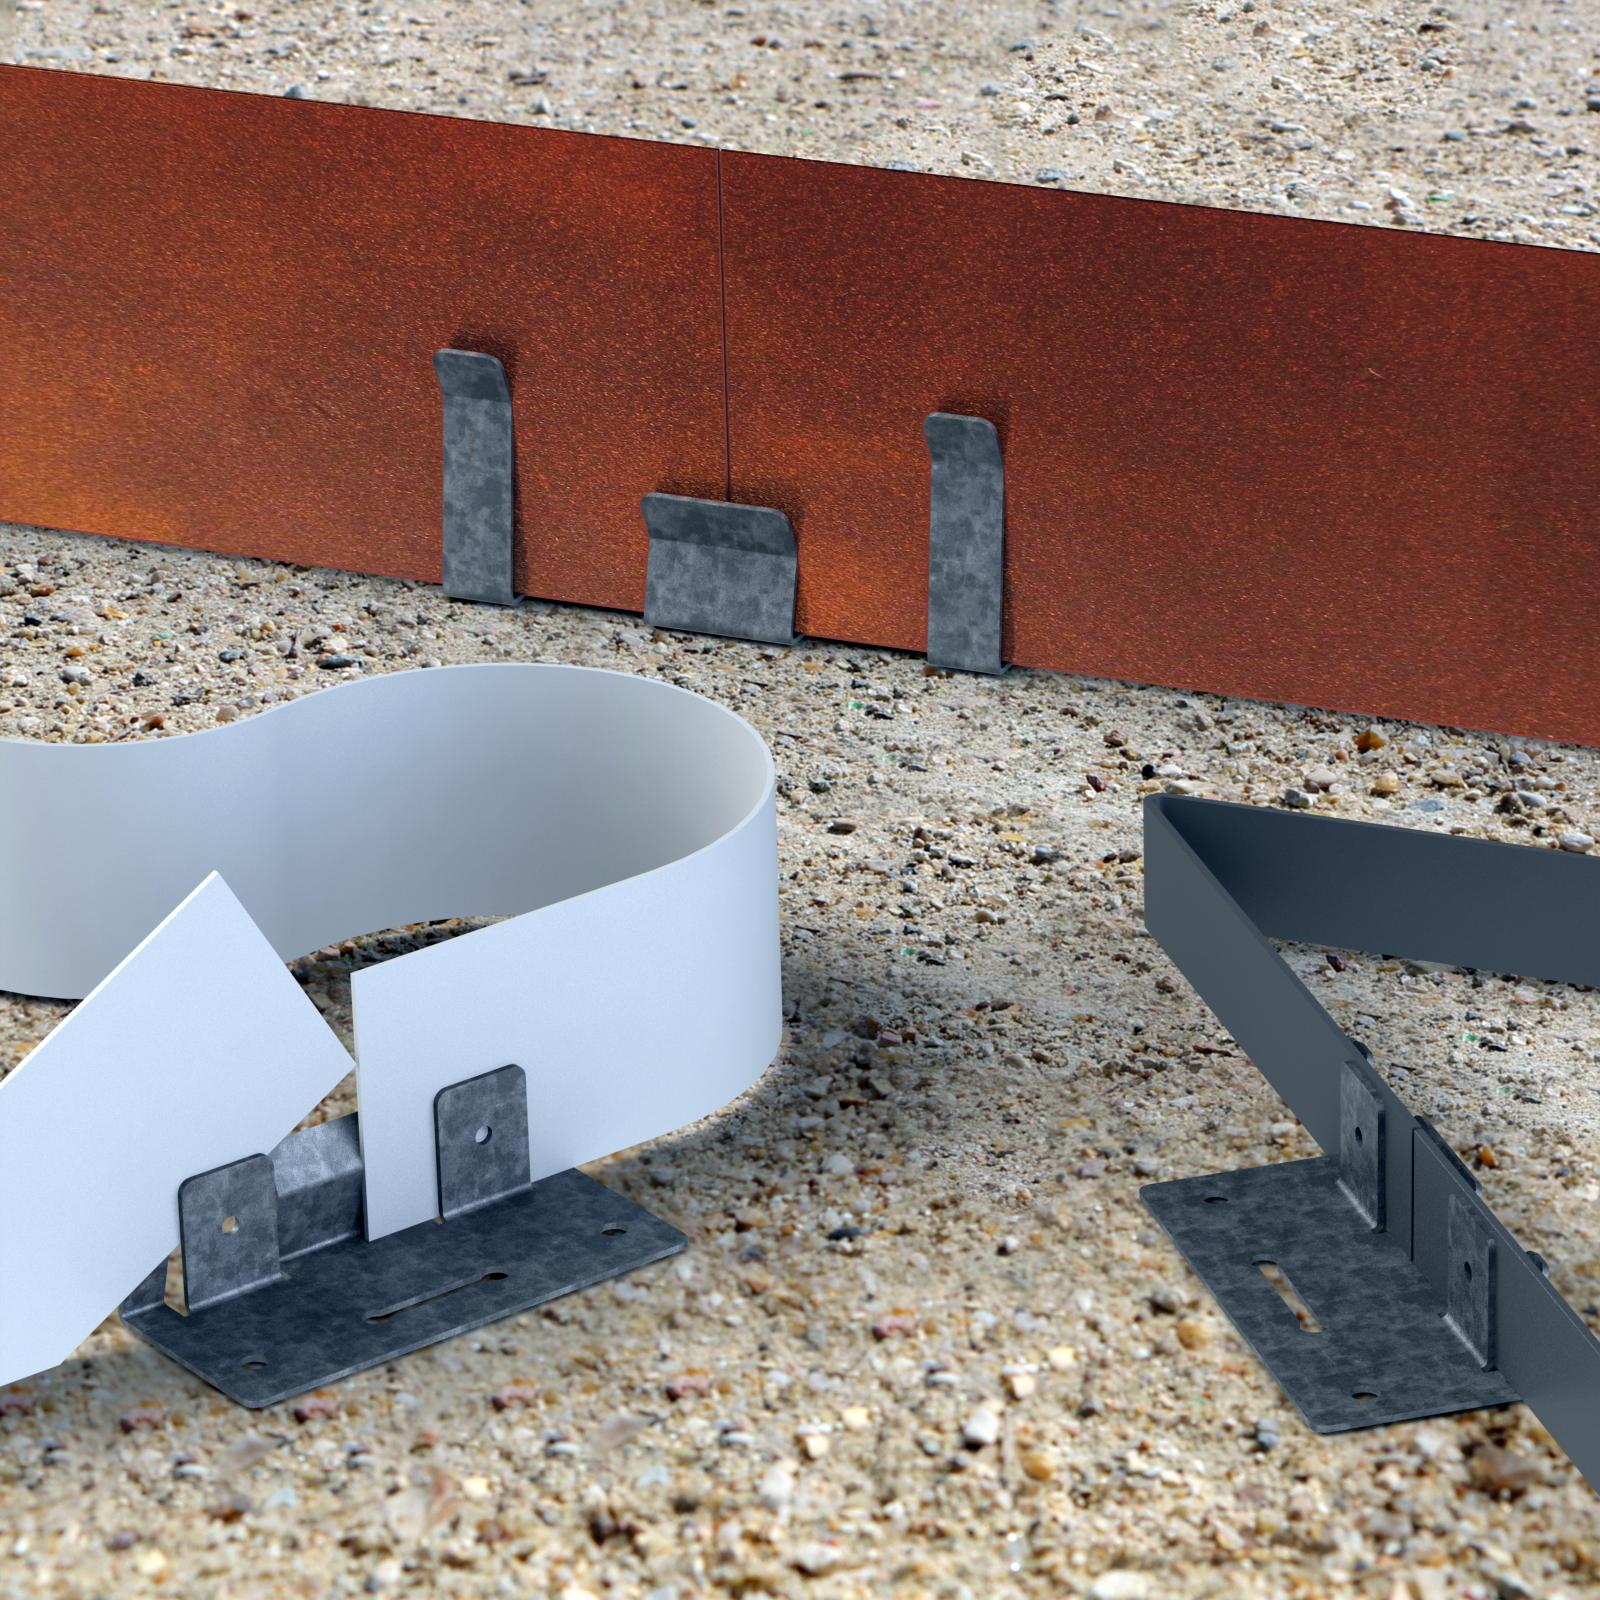 Raccordement bordure volige de jardin PVC acier Corten et galvanisé